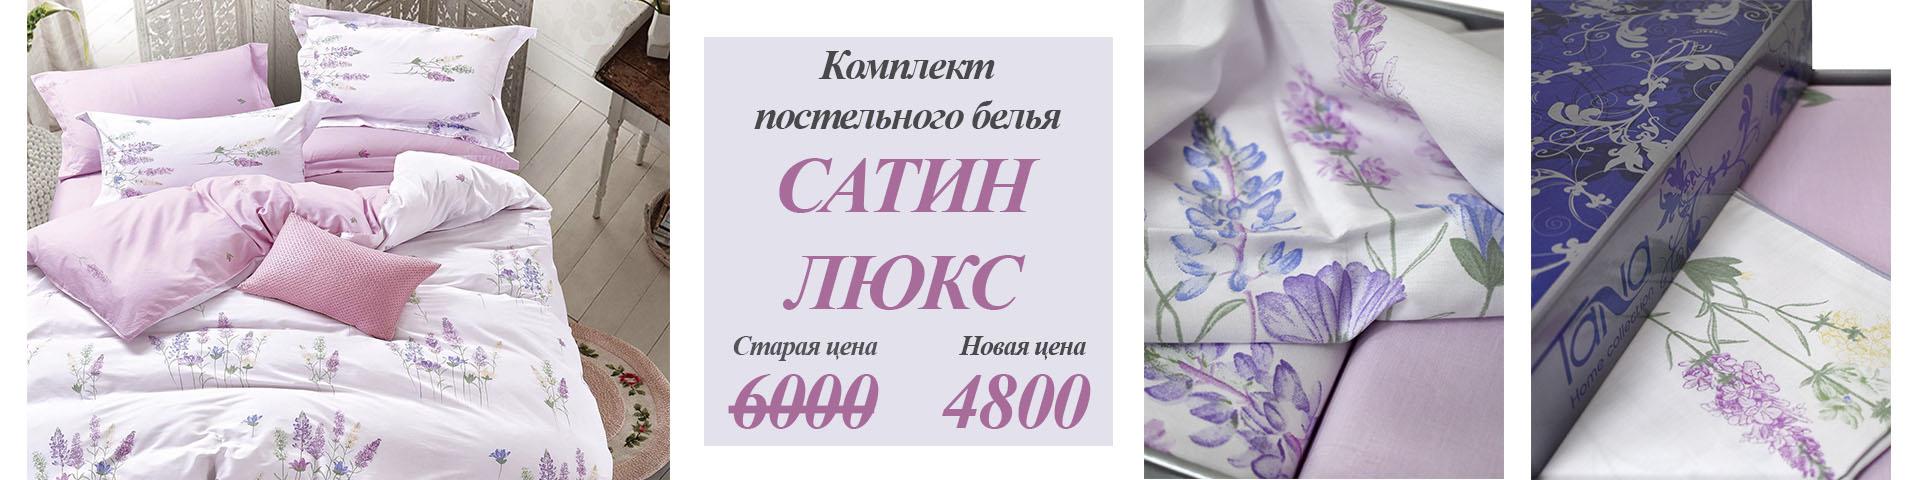 https://tanahome.ru/spalnya/komplekty-postelnogo-belya/satin-lyuks